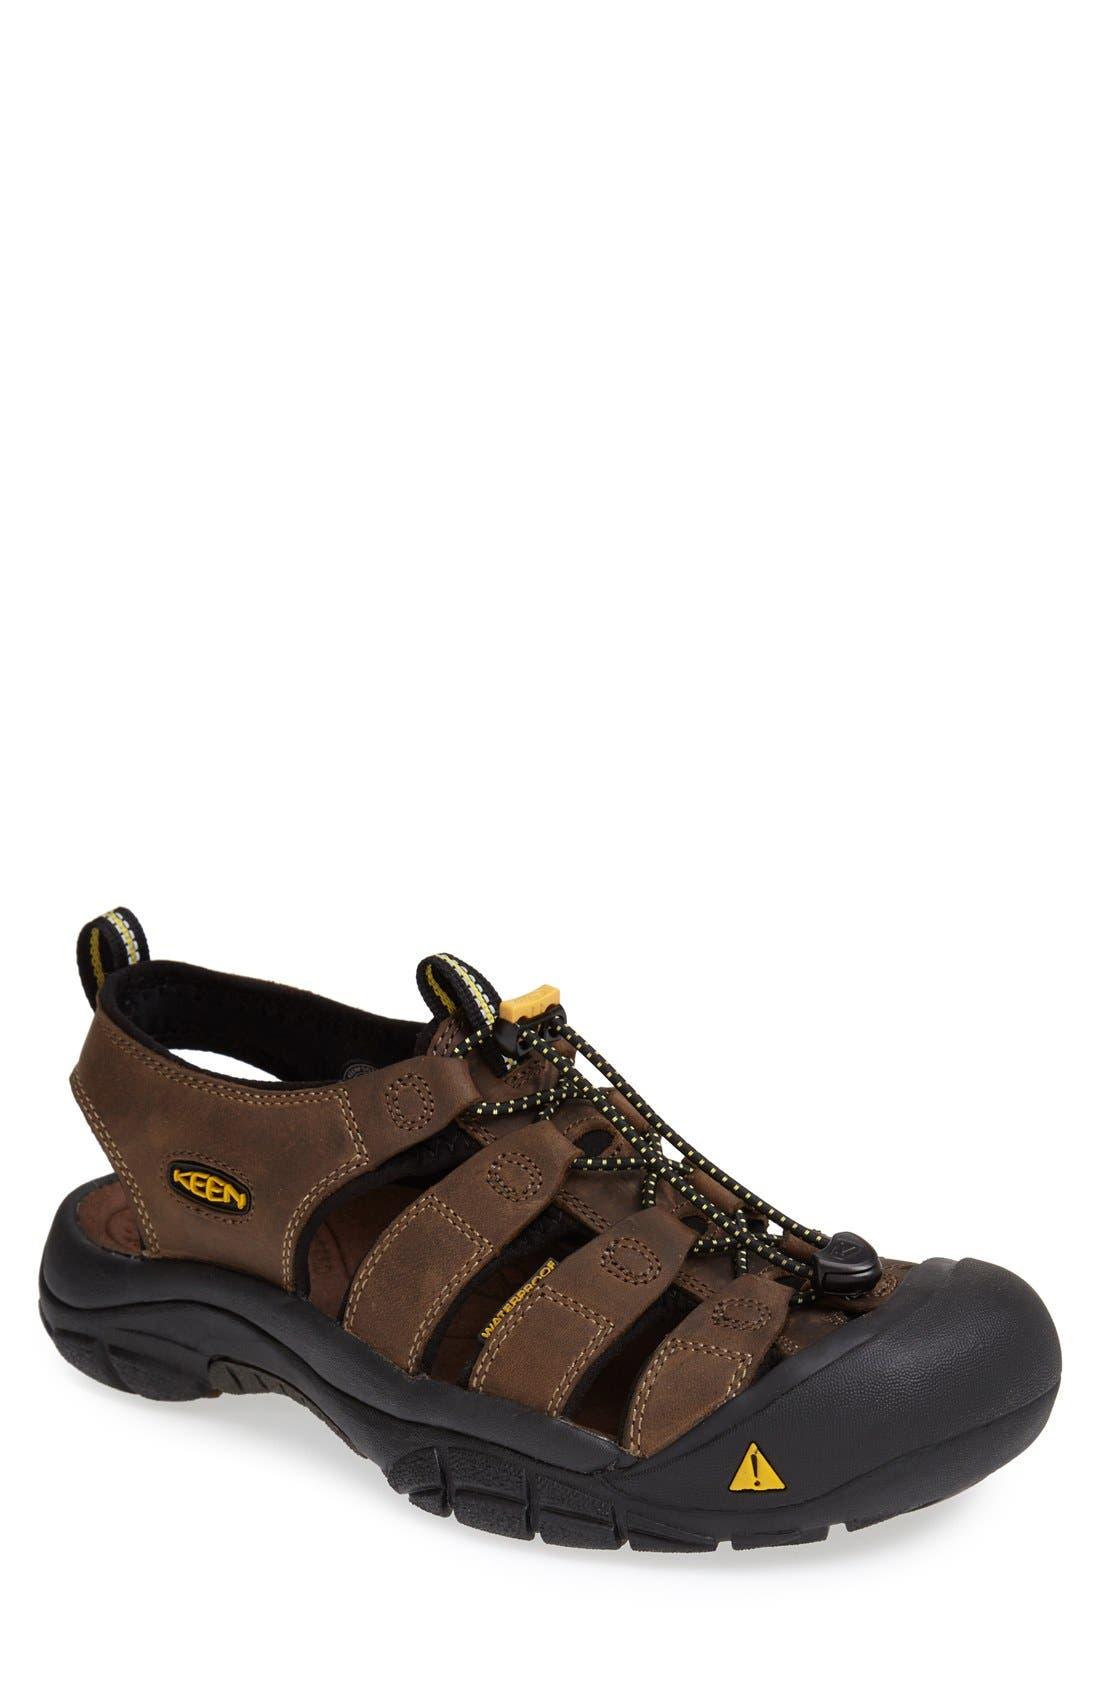 KEEN 'Newport' Sandal